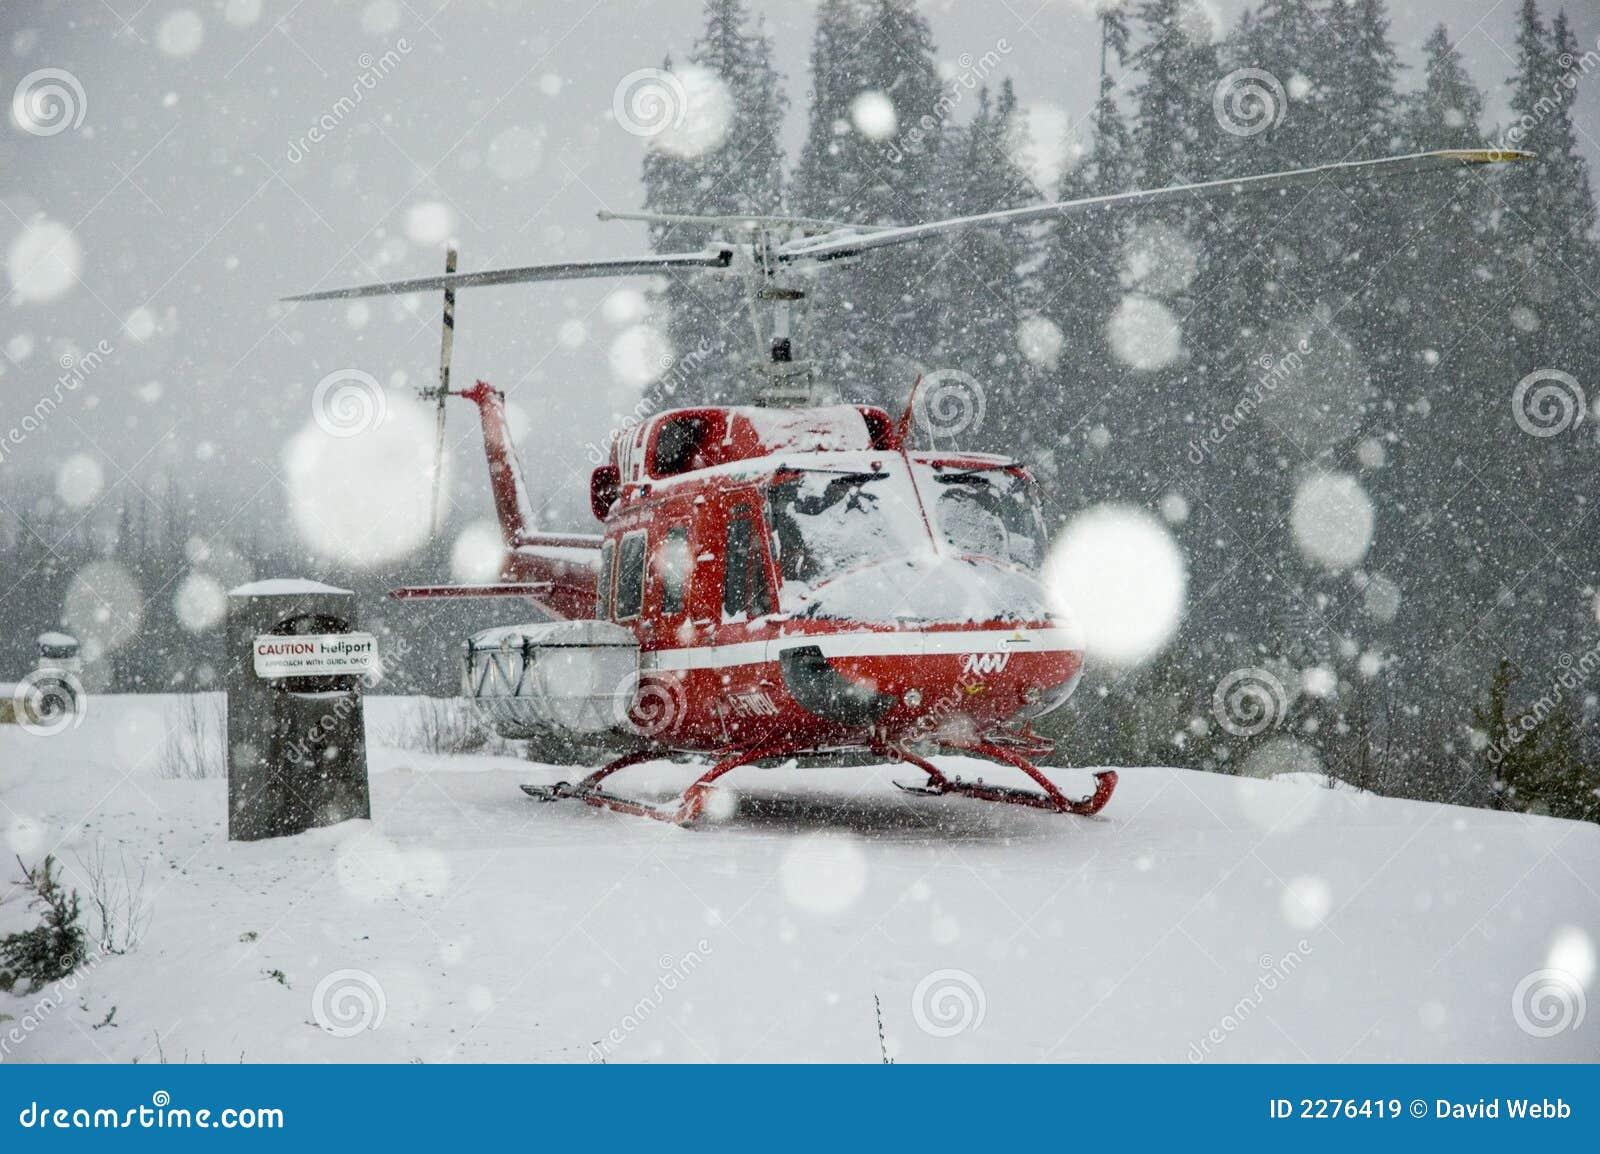 Blizzard, heli-skiing.